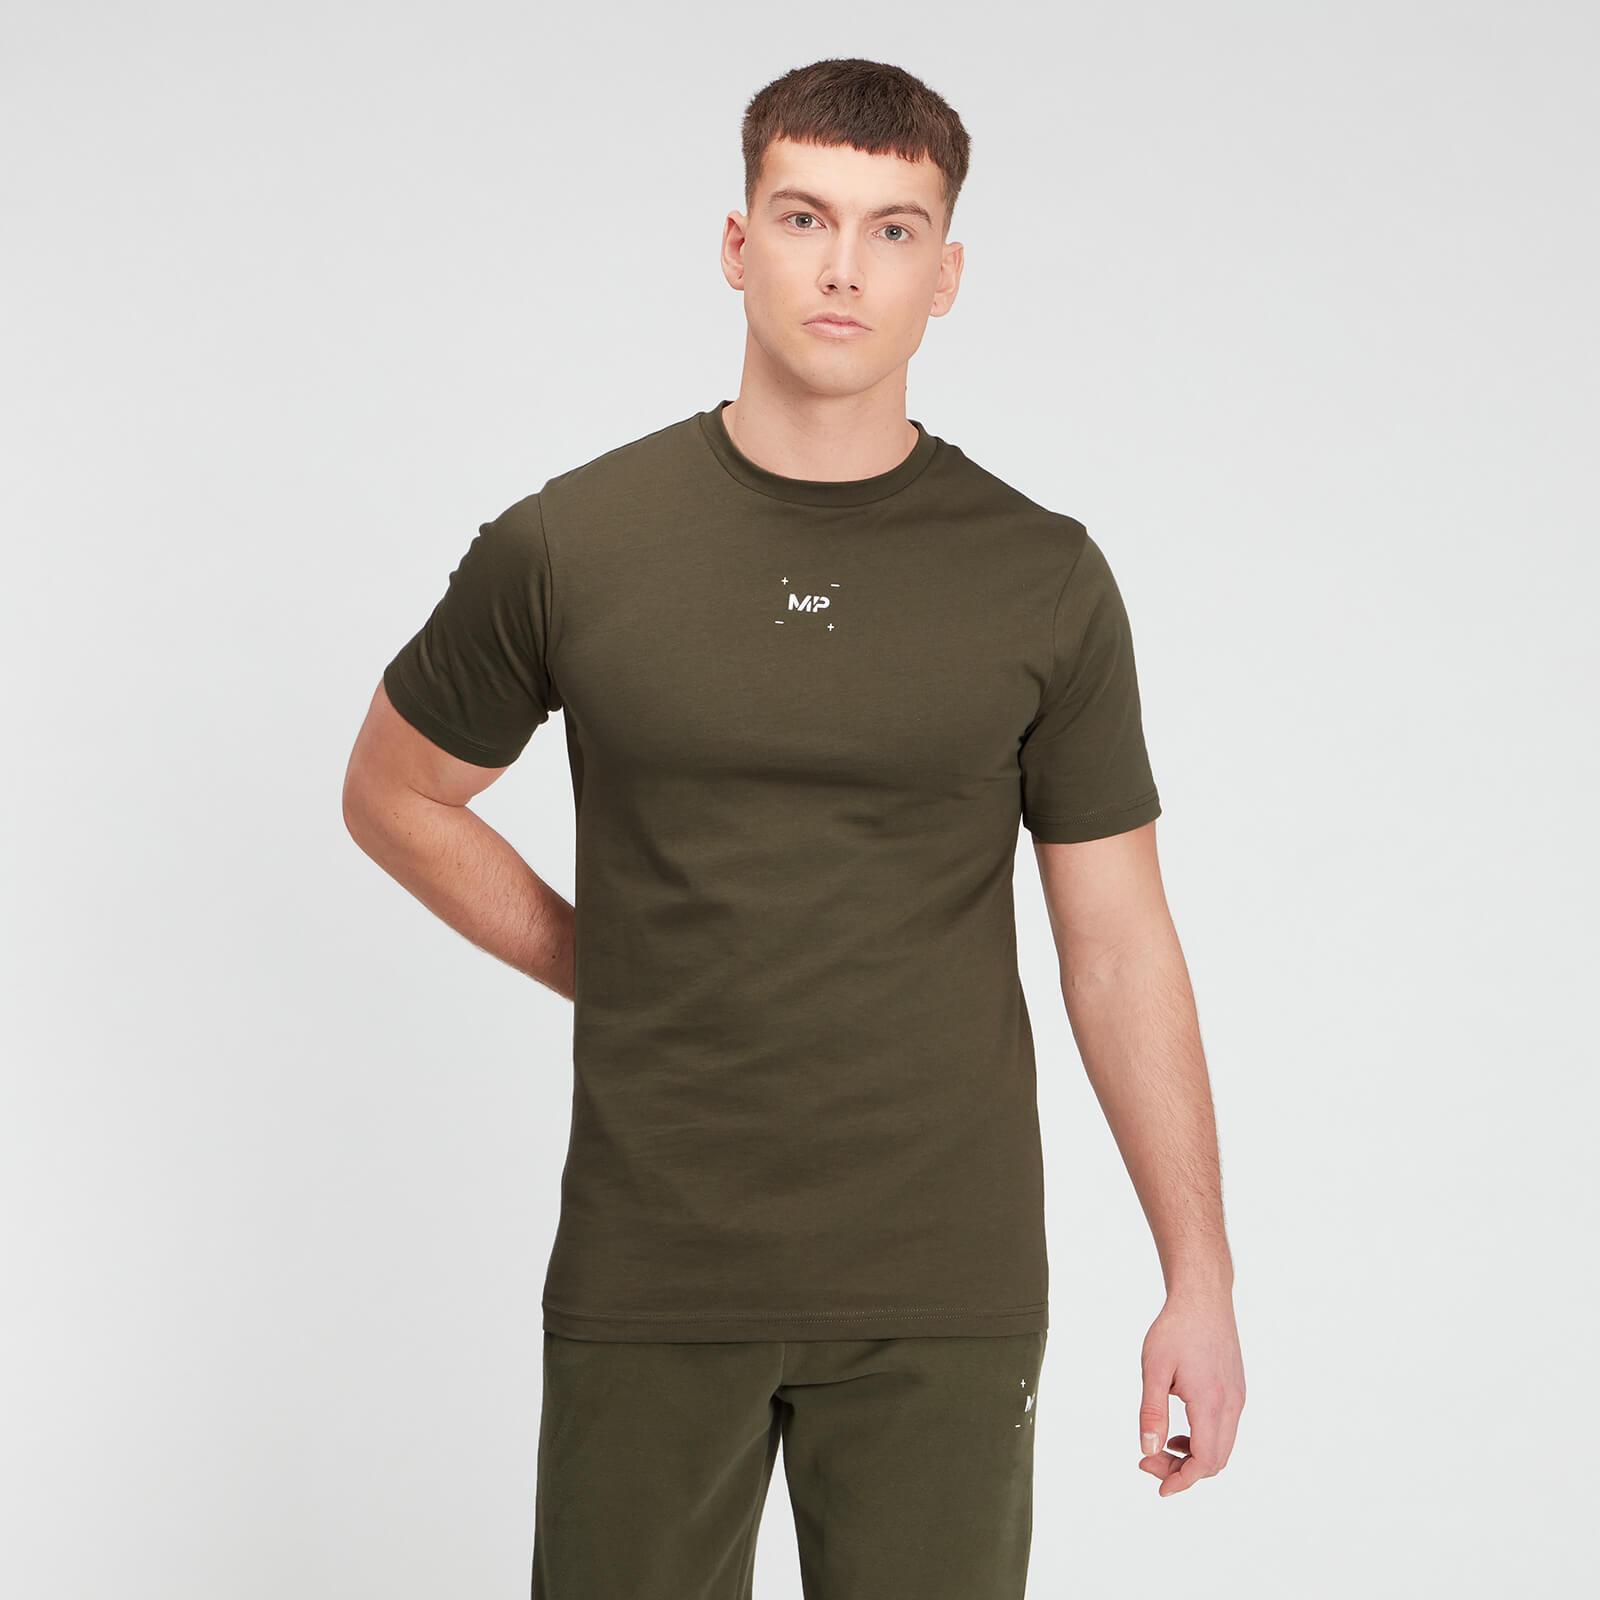 Купить MP Men's Central Graphic Short Sleeve T-Shirt - Dark Olive - XXL, Myprotein International